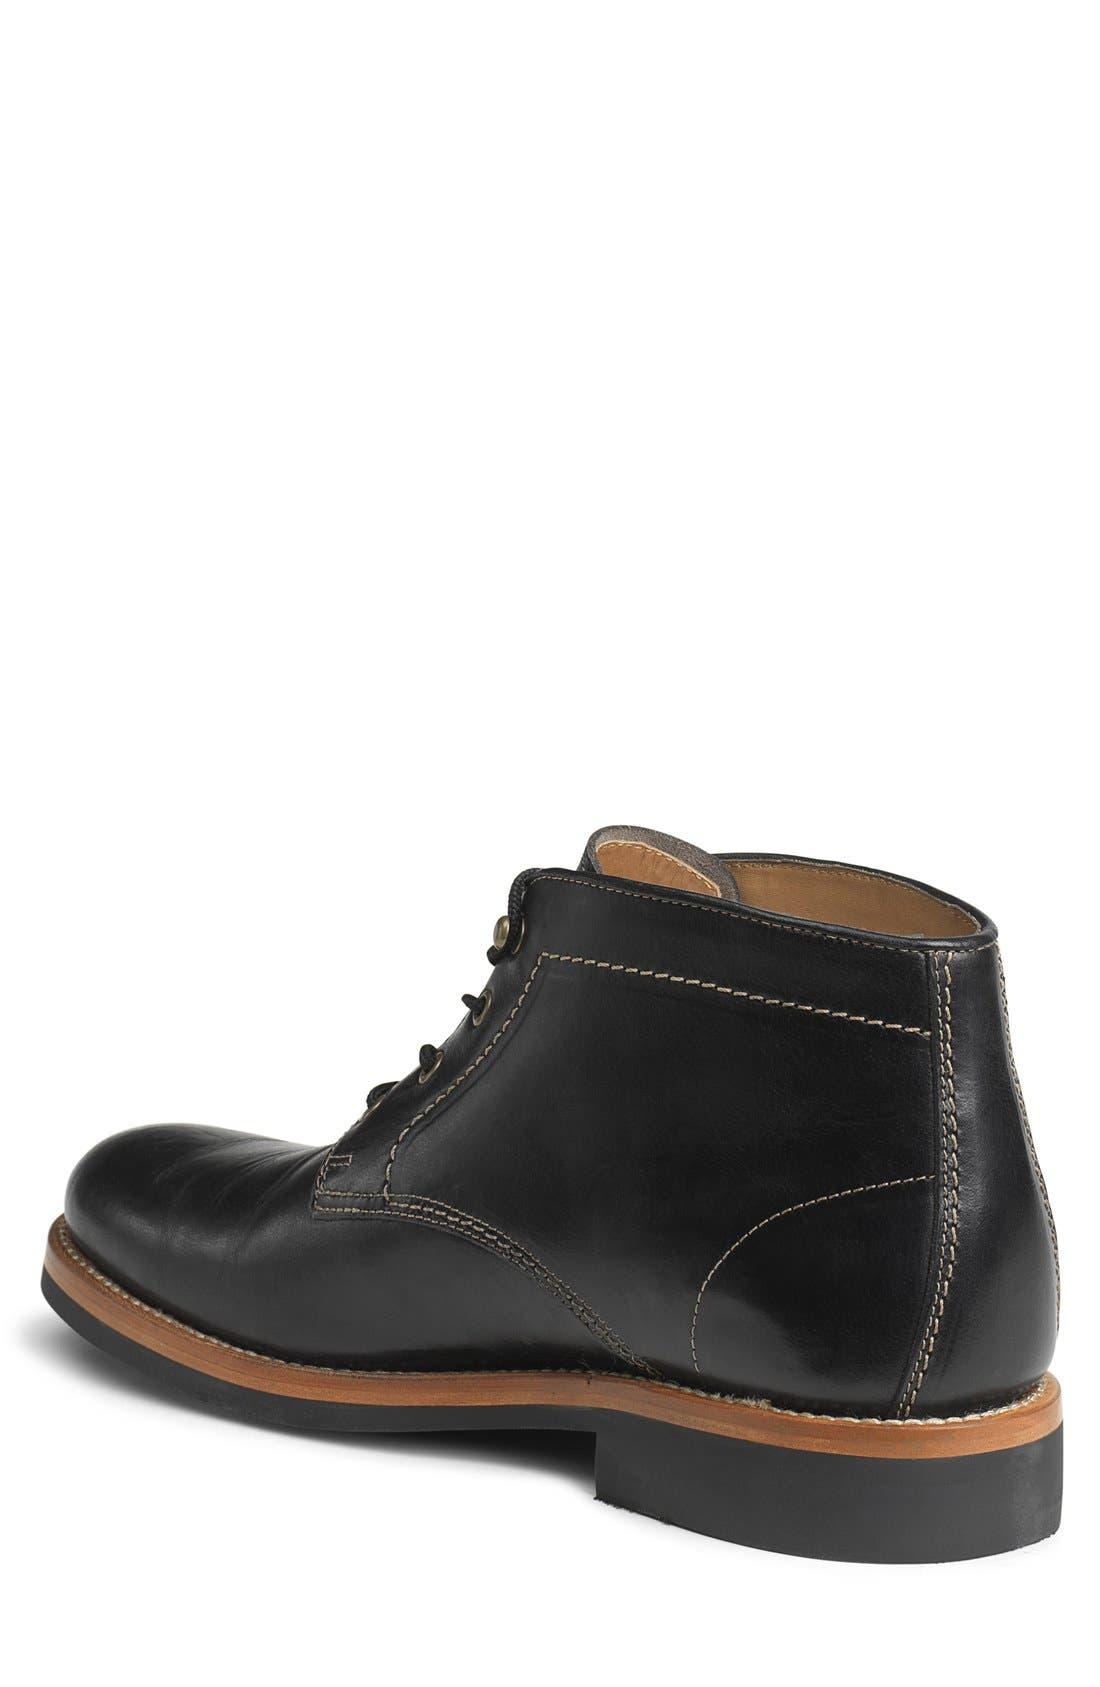 'Irving Mid' Plain Toe Boot,                             Alternate thumbnail 3, color,